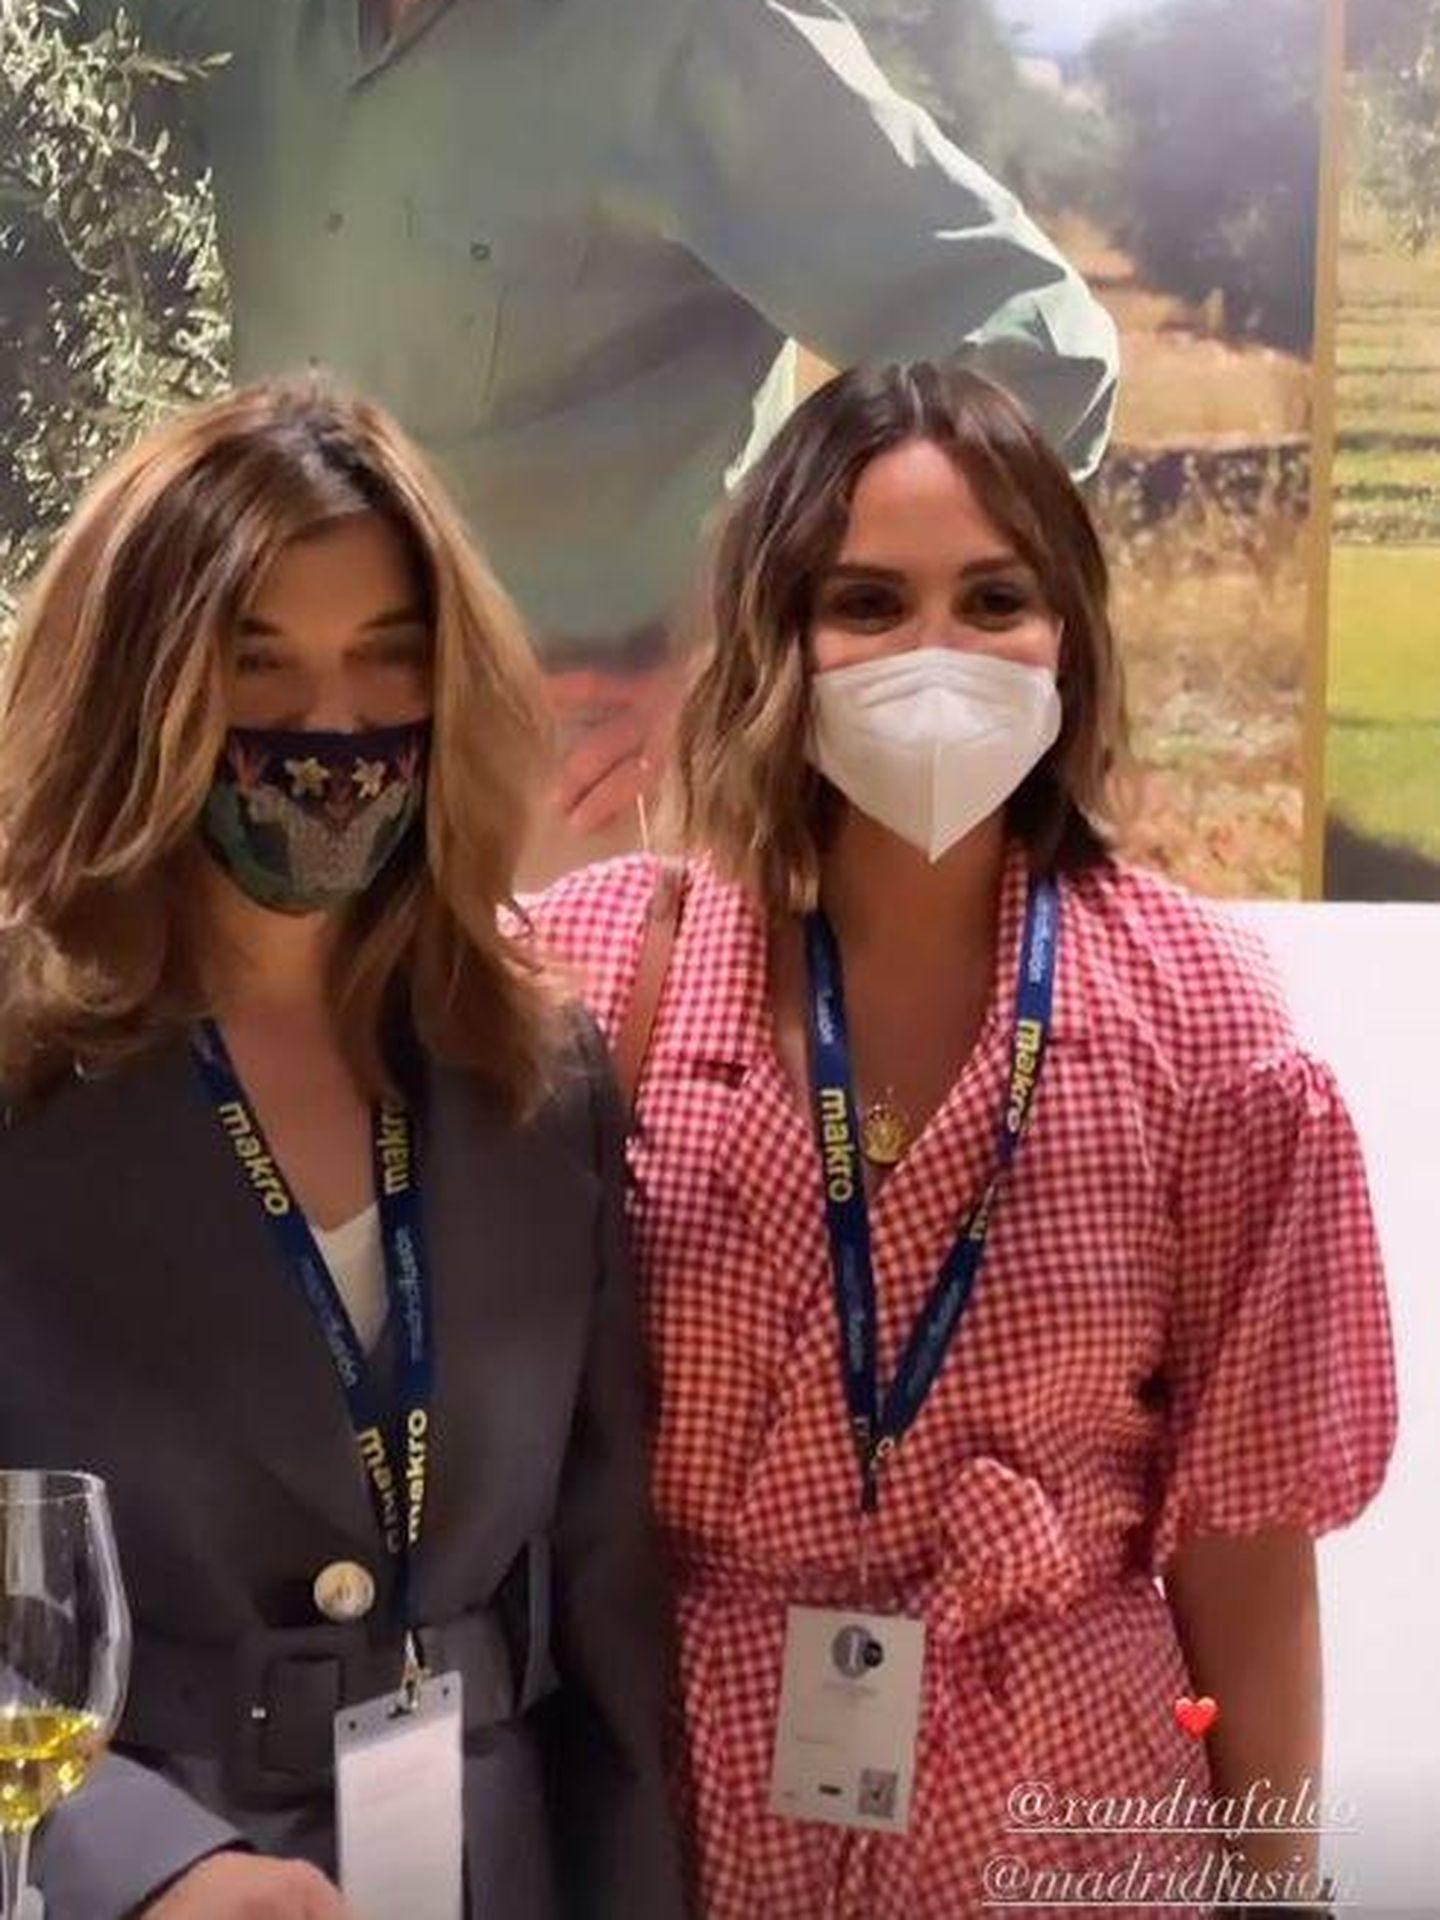 Xandra y Tamara Falcó, en Madrid Fusión. (Redes)